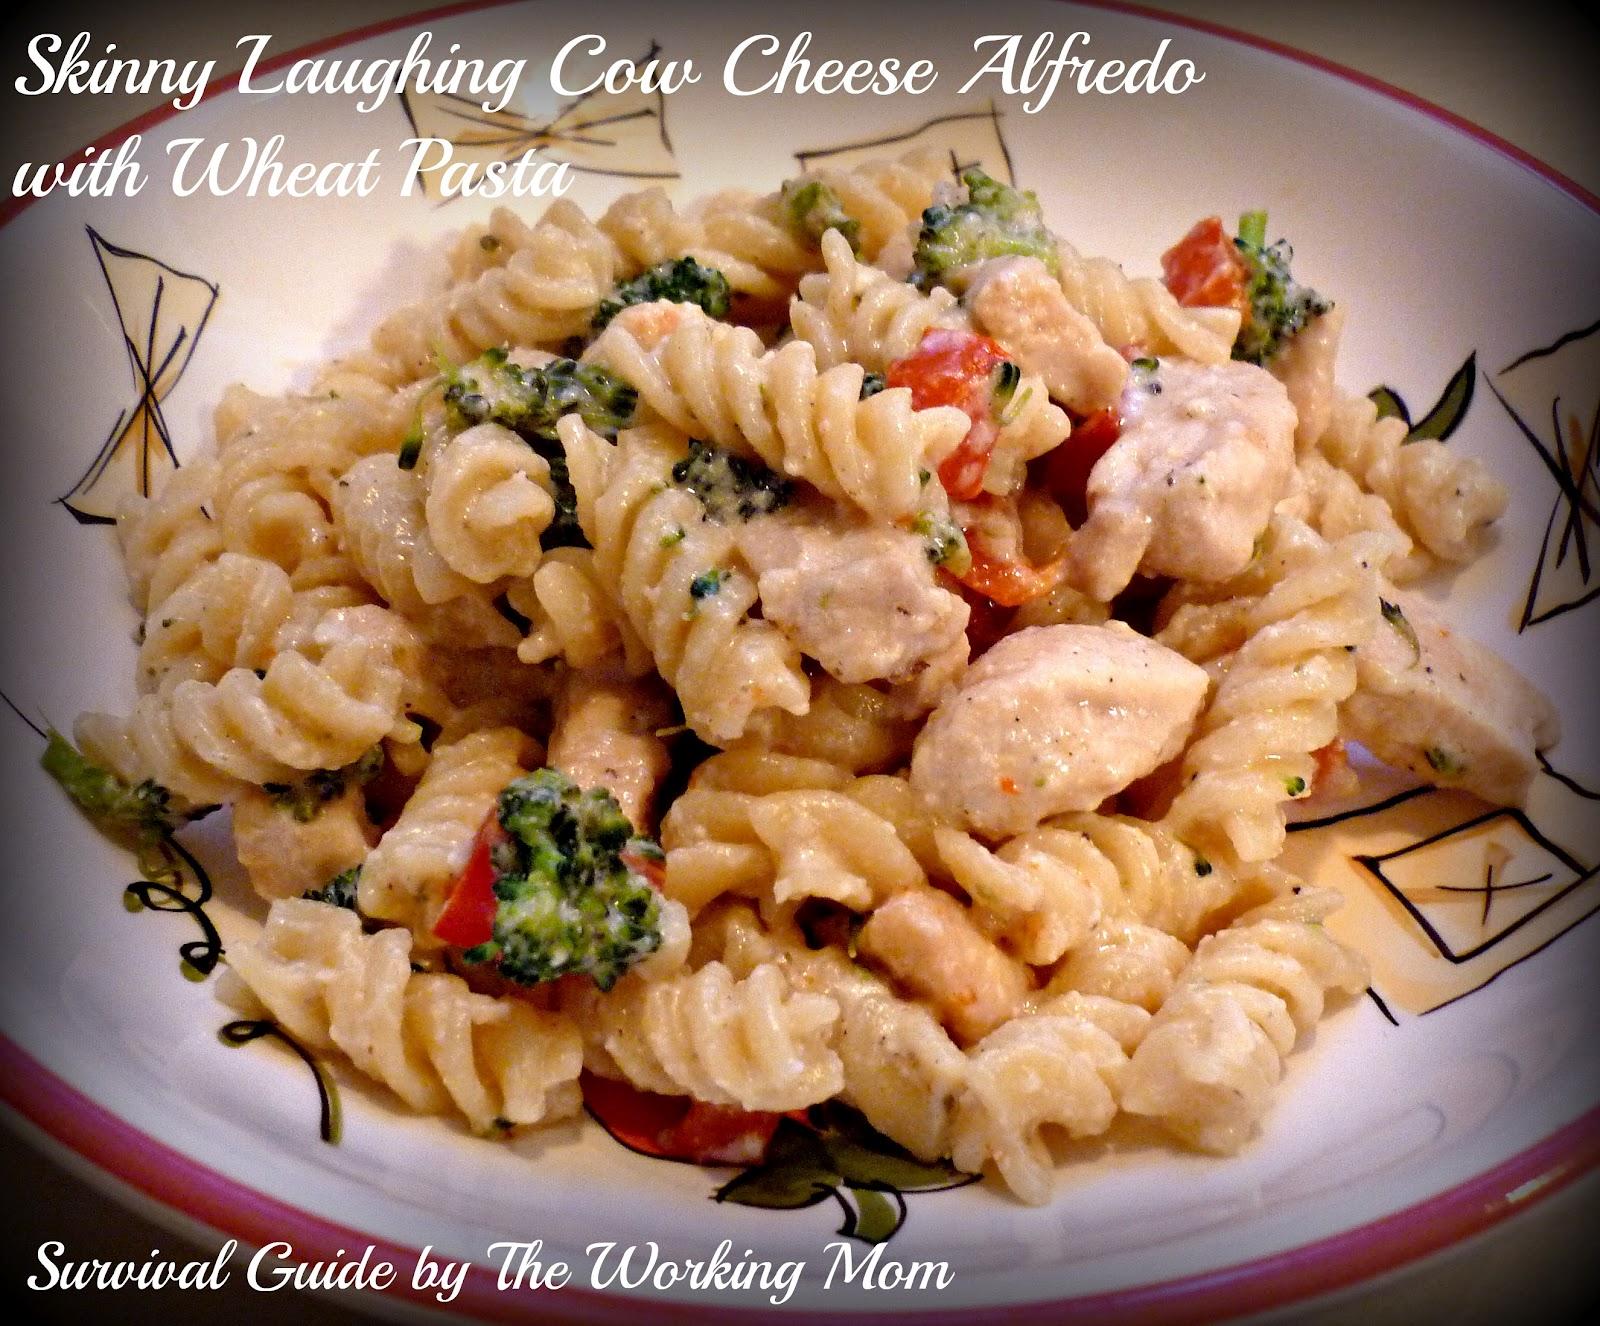 Chicken Alfredo Recipe Healthier Alternatives With Spaghetti Squash